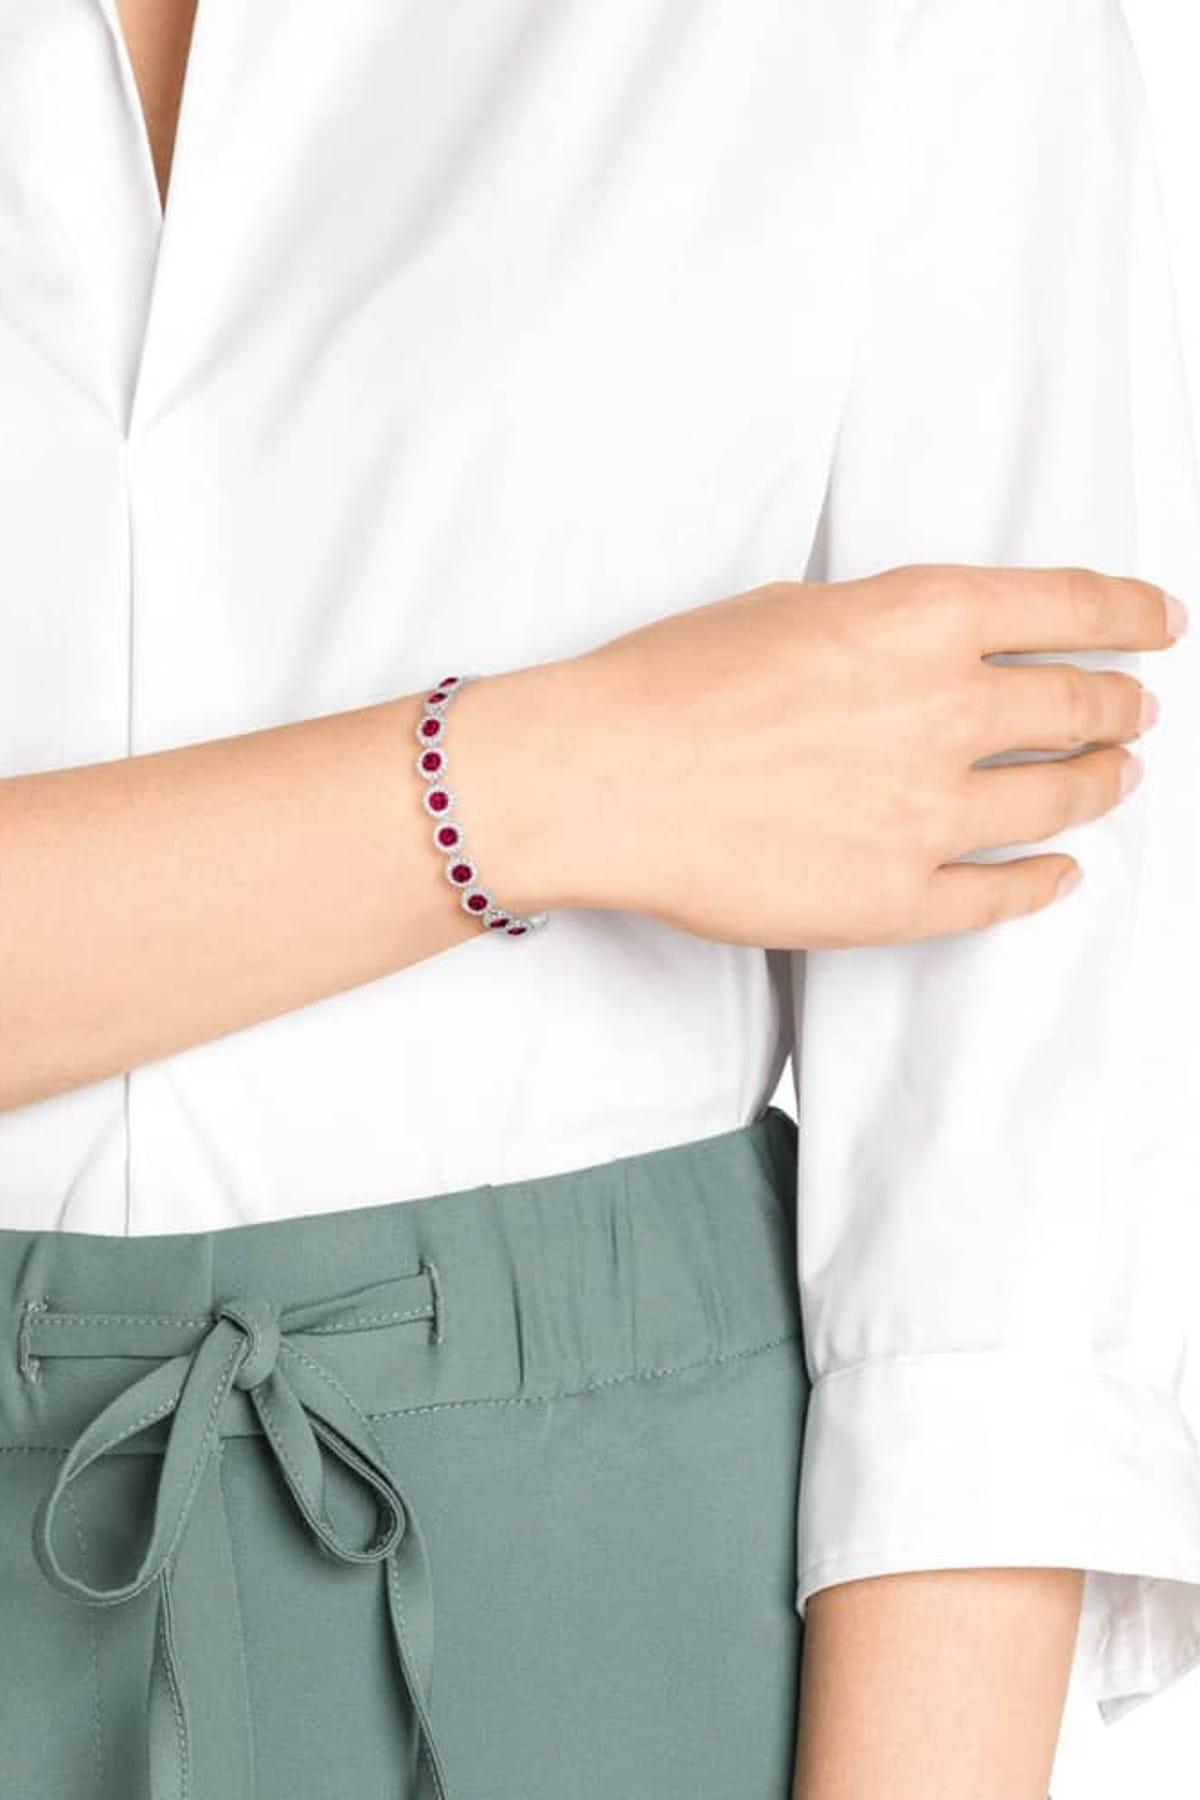 Swarovski Kadın Bilezik Angelic:Bracelet Rby/Cry/Rhs M 5446006 1